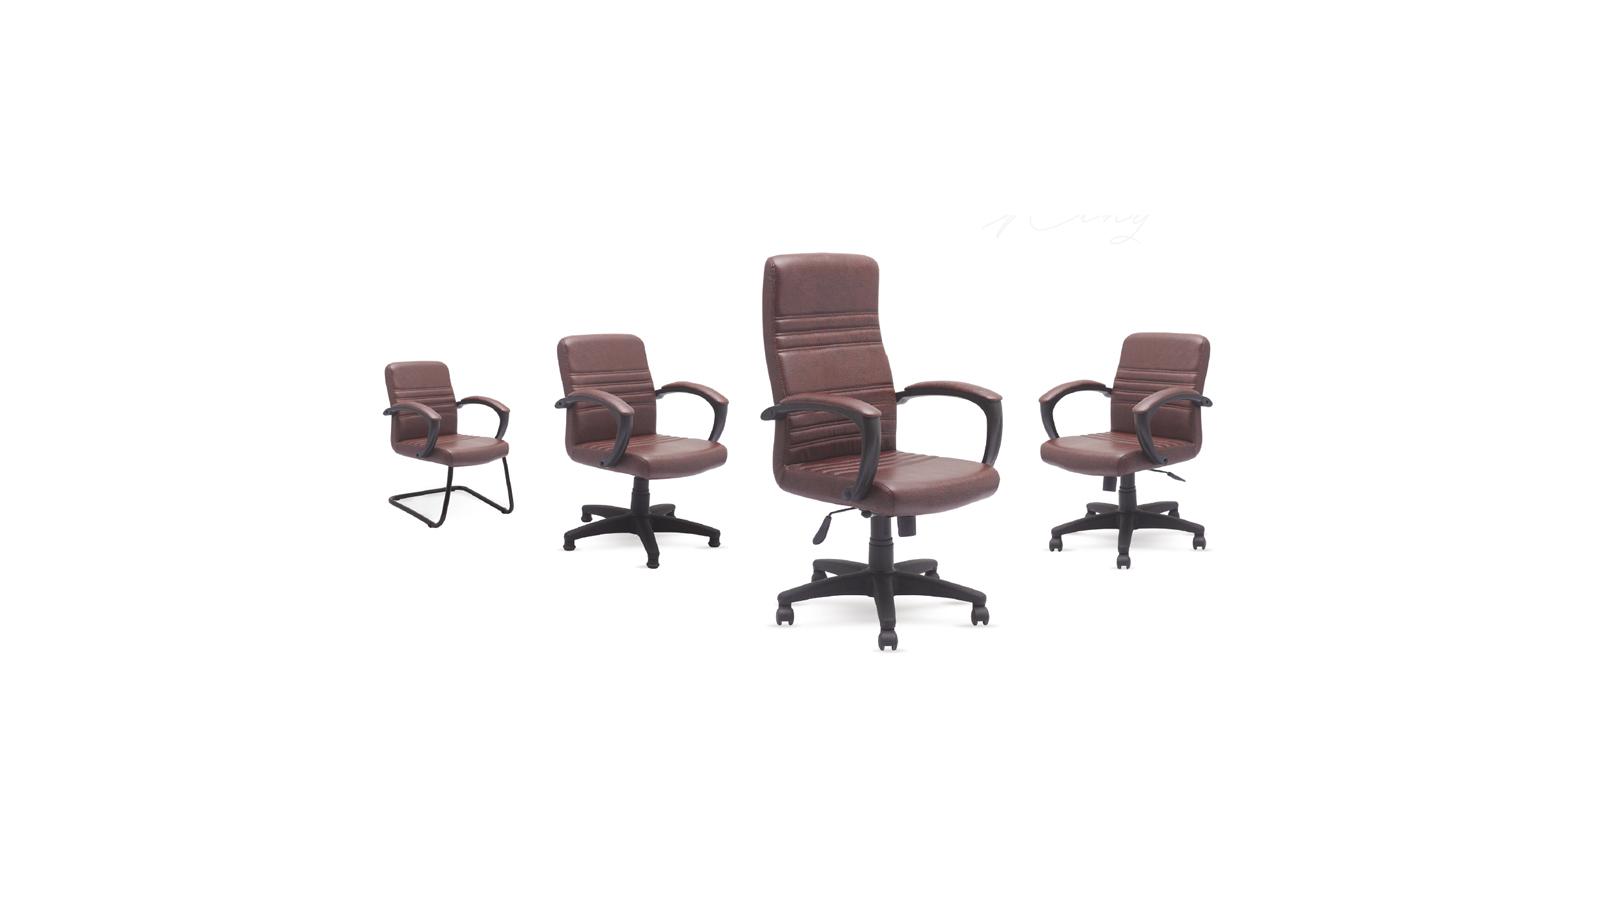 King Ofis Sandalyeleri